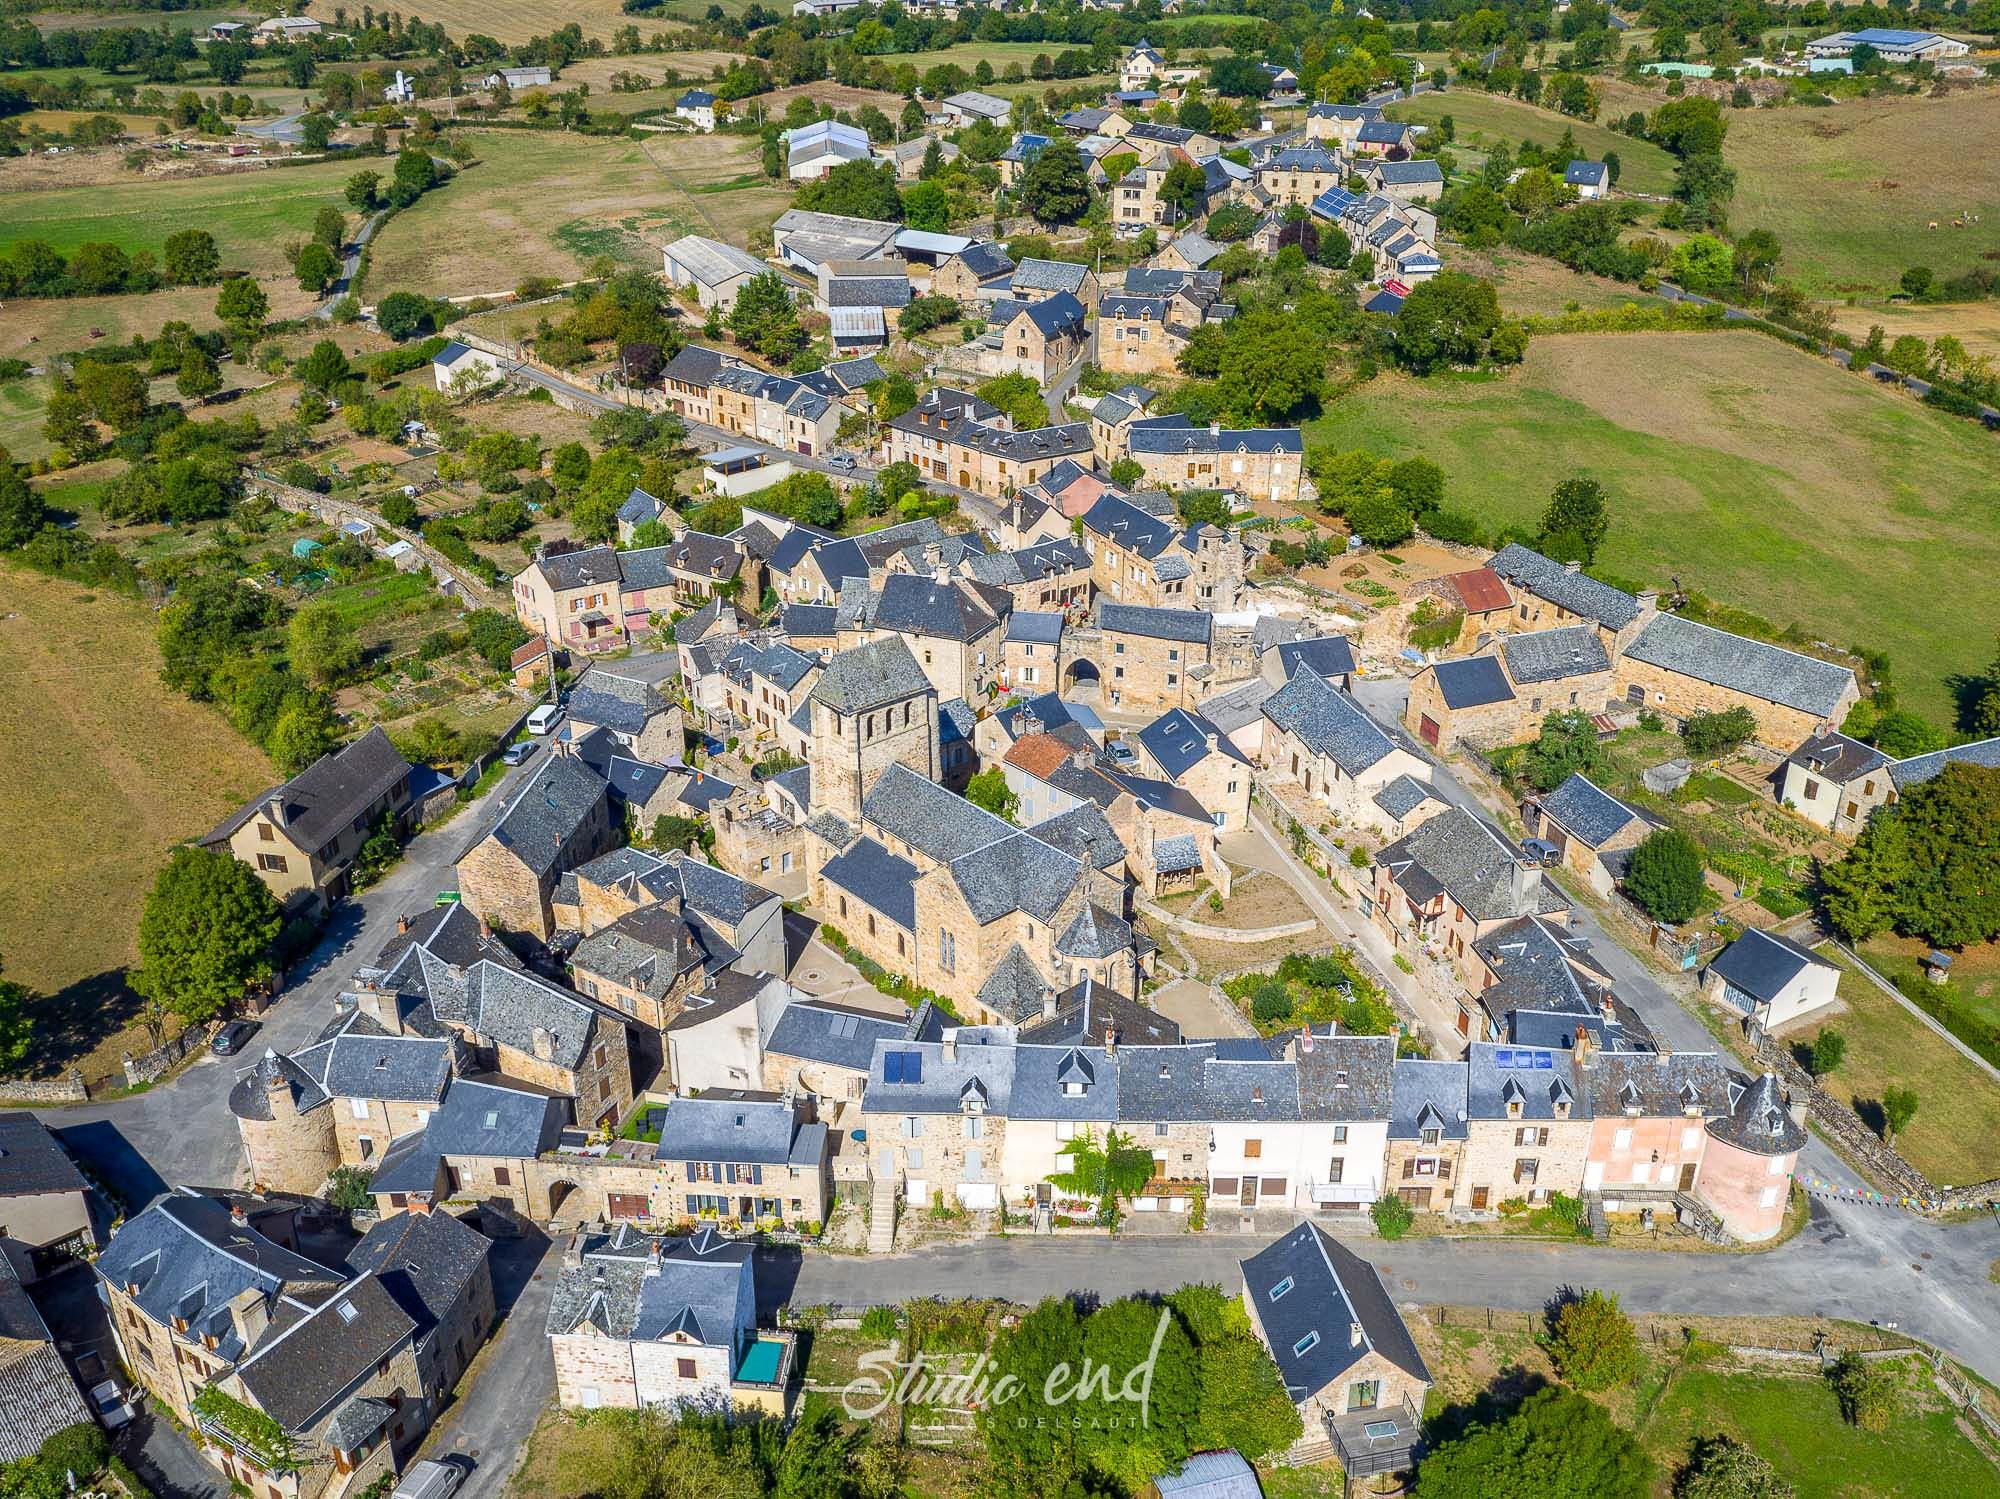 Photographie aérienne grâce à un drone Studio End